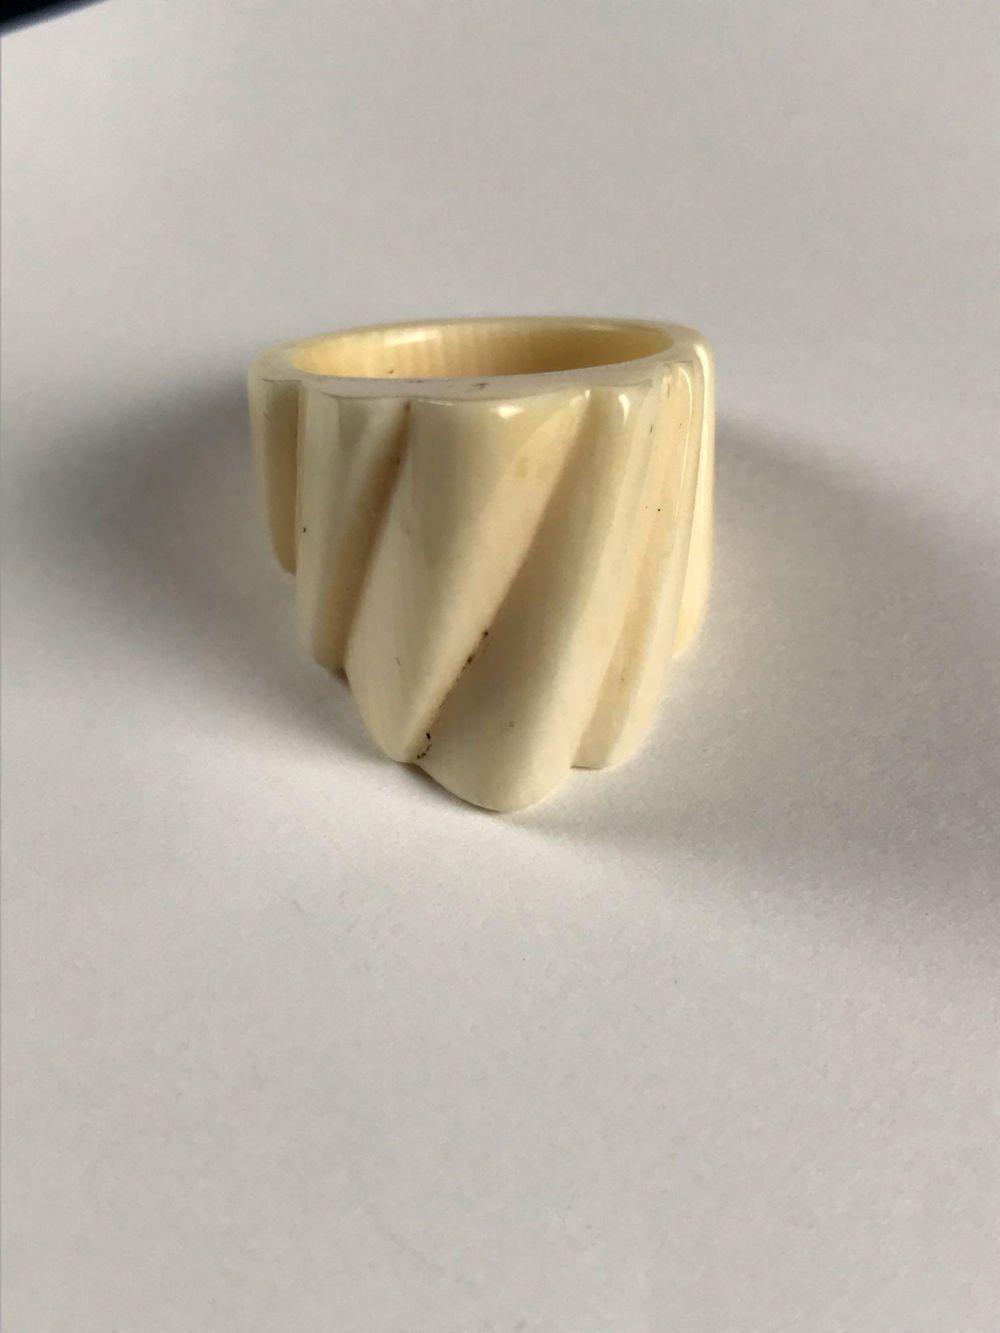 Vintage Carved Bone Ring